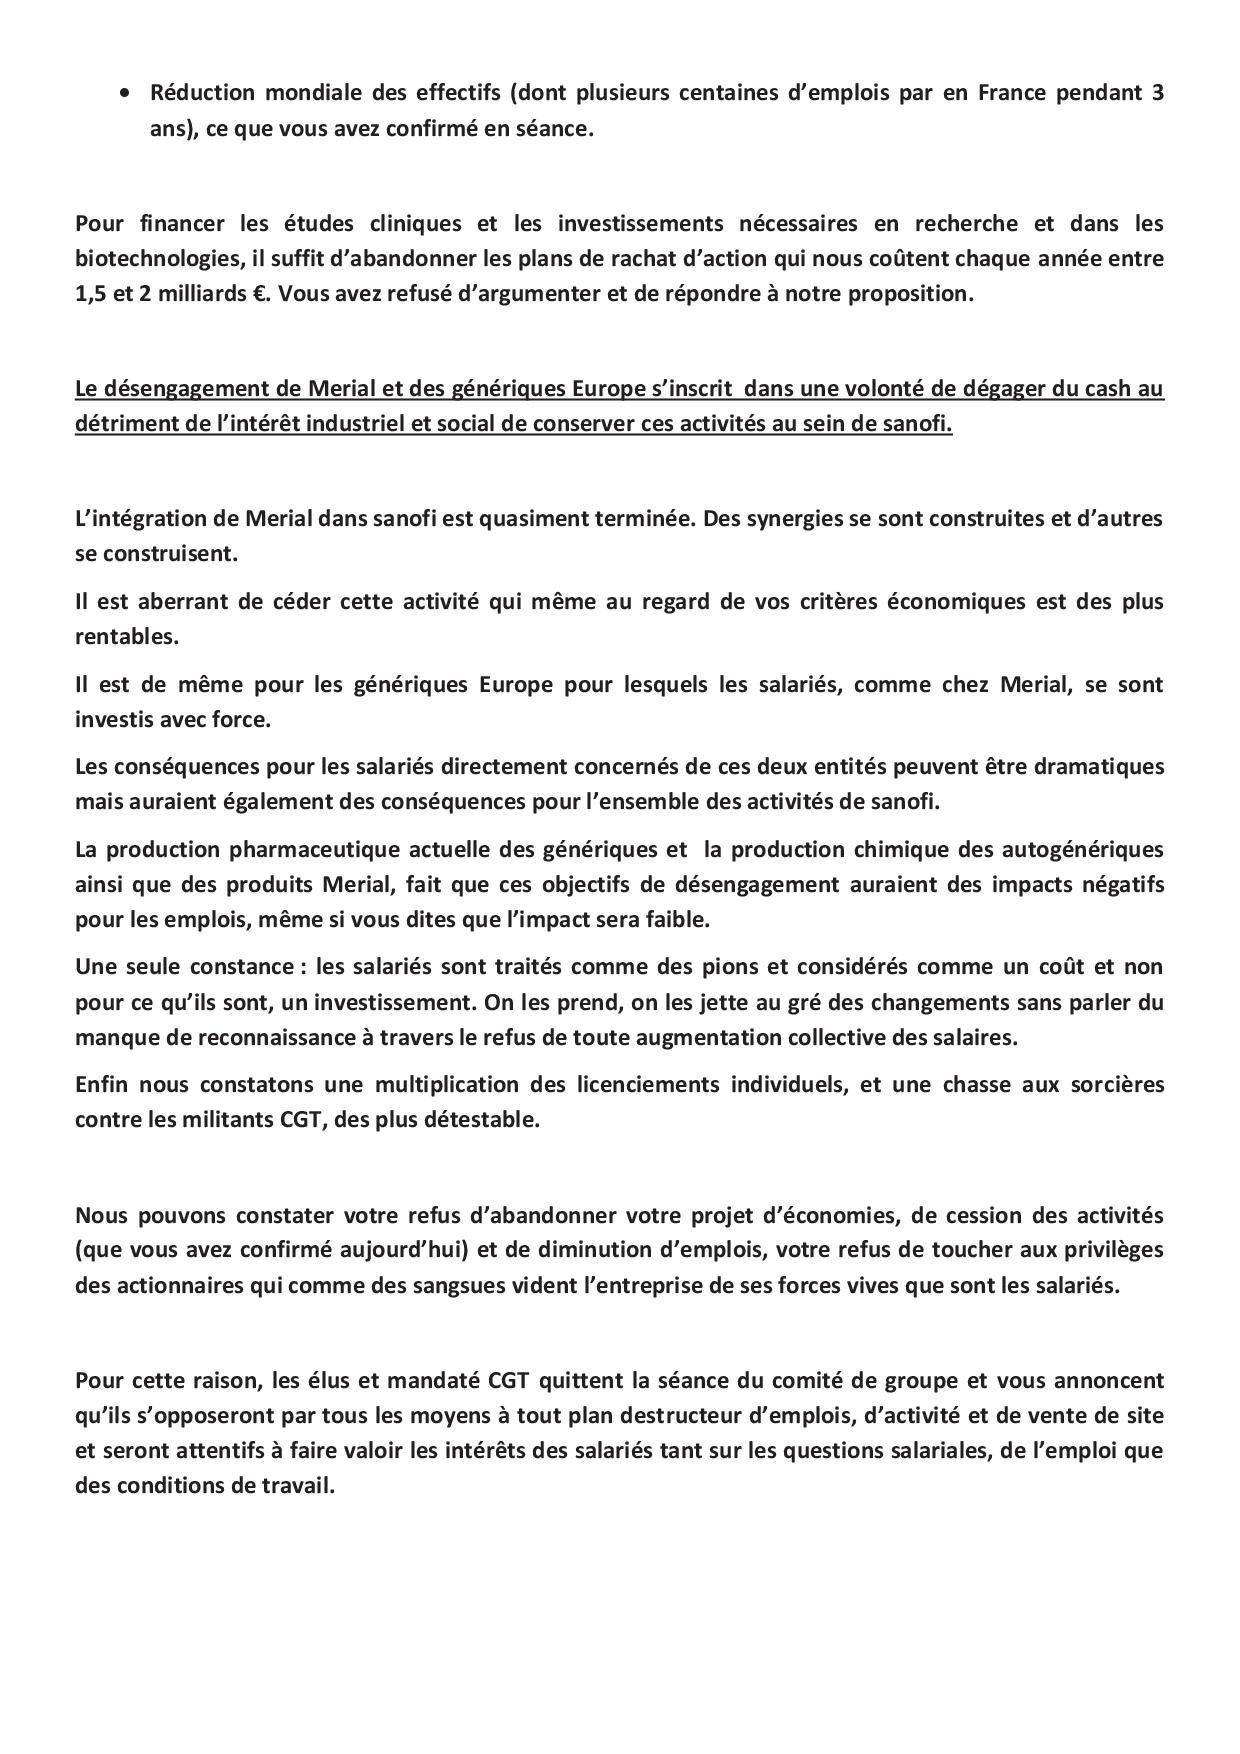 declaration cgt CGF 18 novembre2